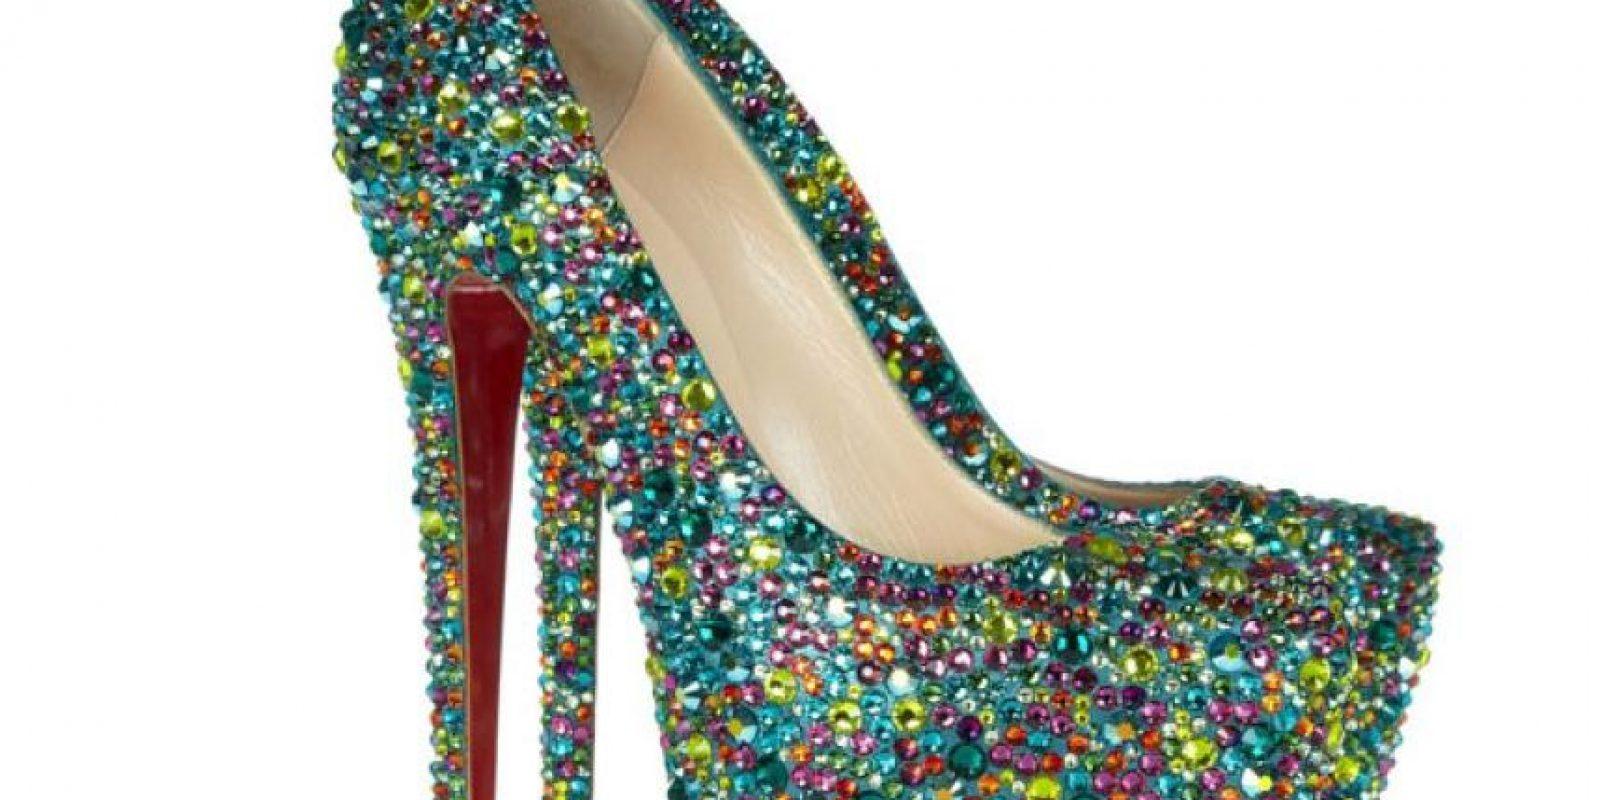 Estos zapatos de Christian Loboutin, 4 mil dólares (y hay más caros) Foto: Christian Loboutin